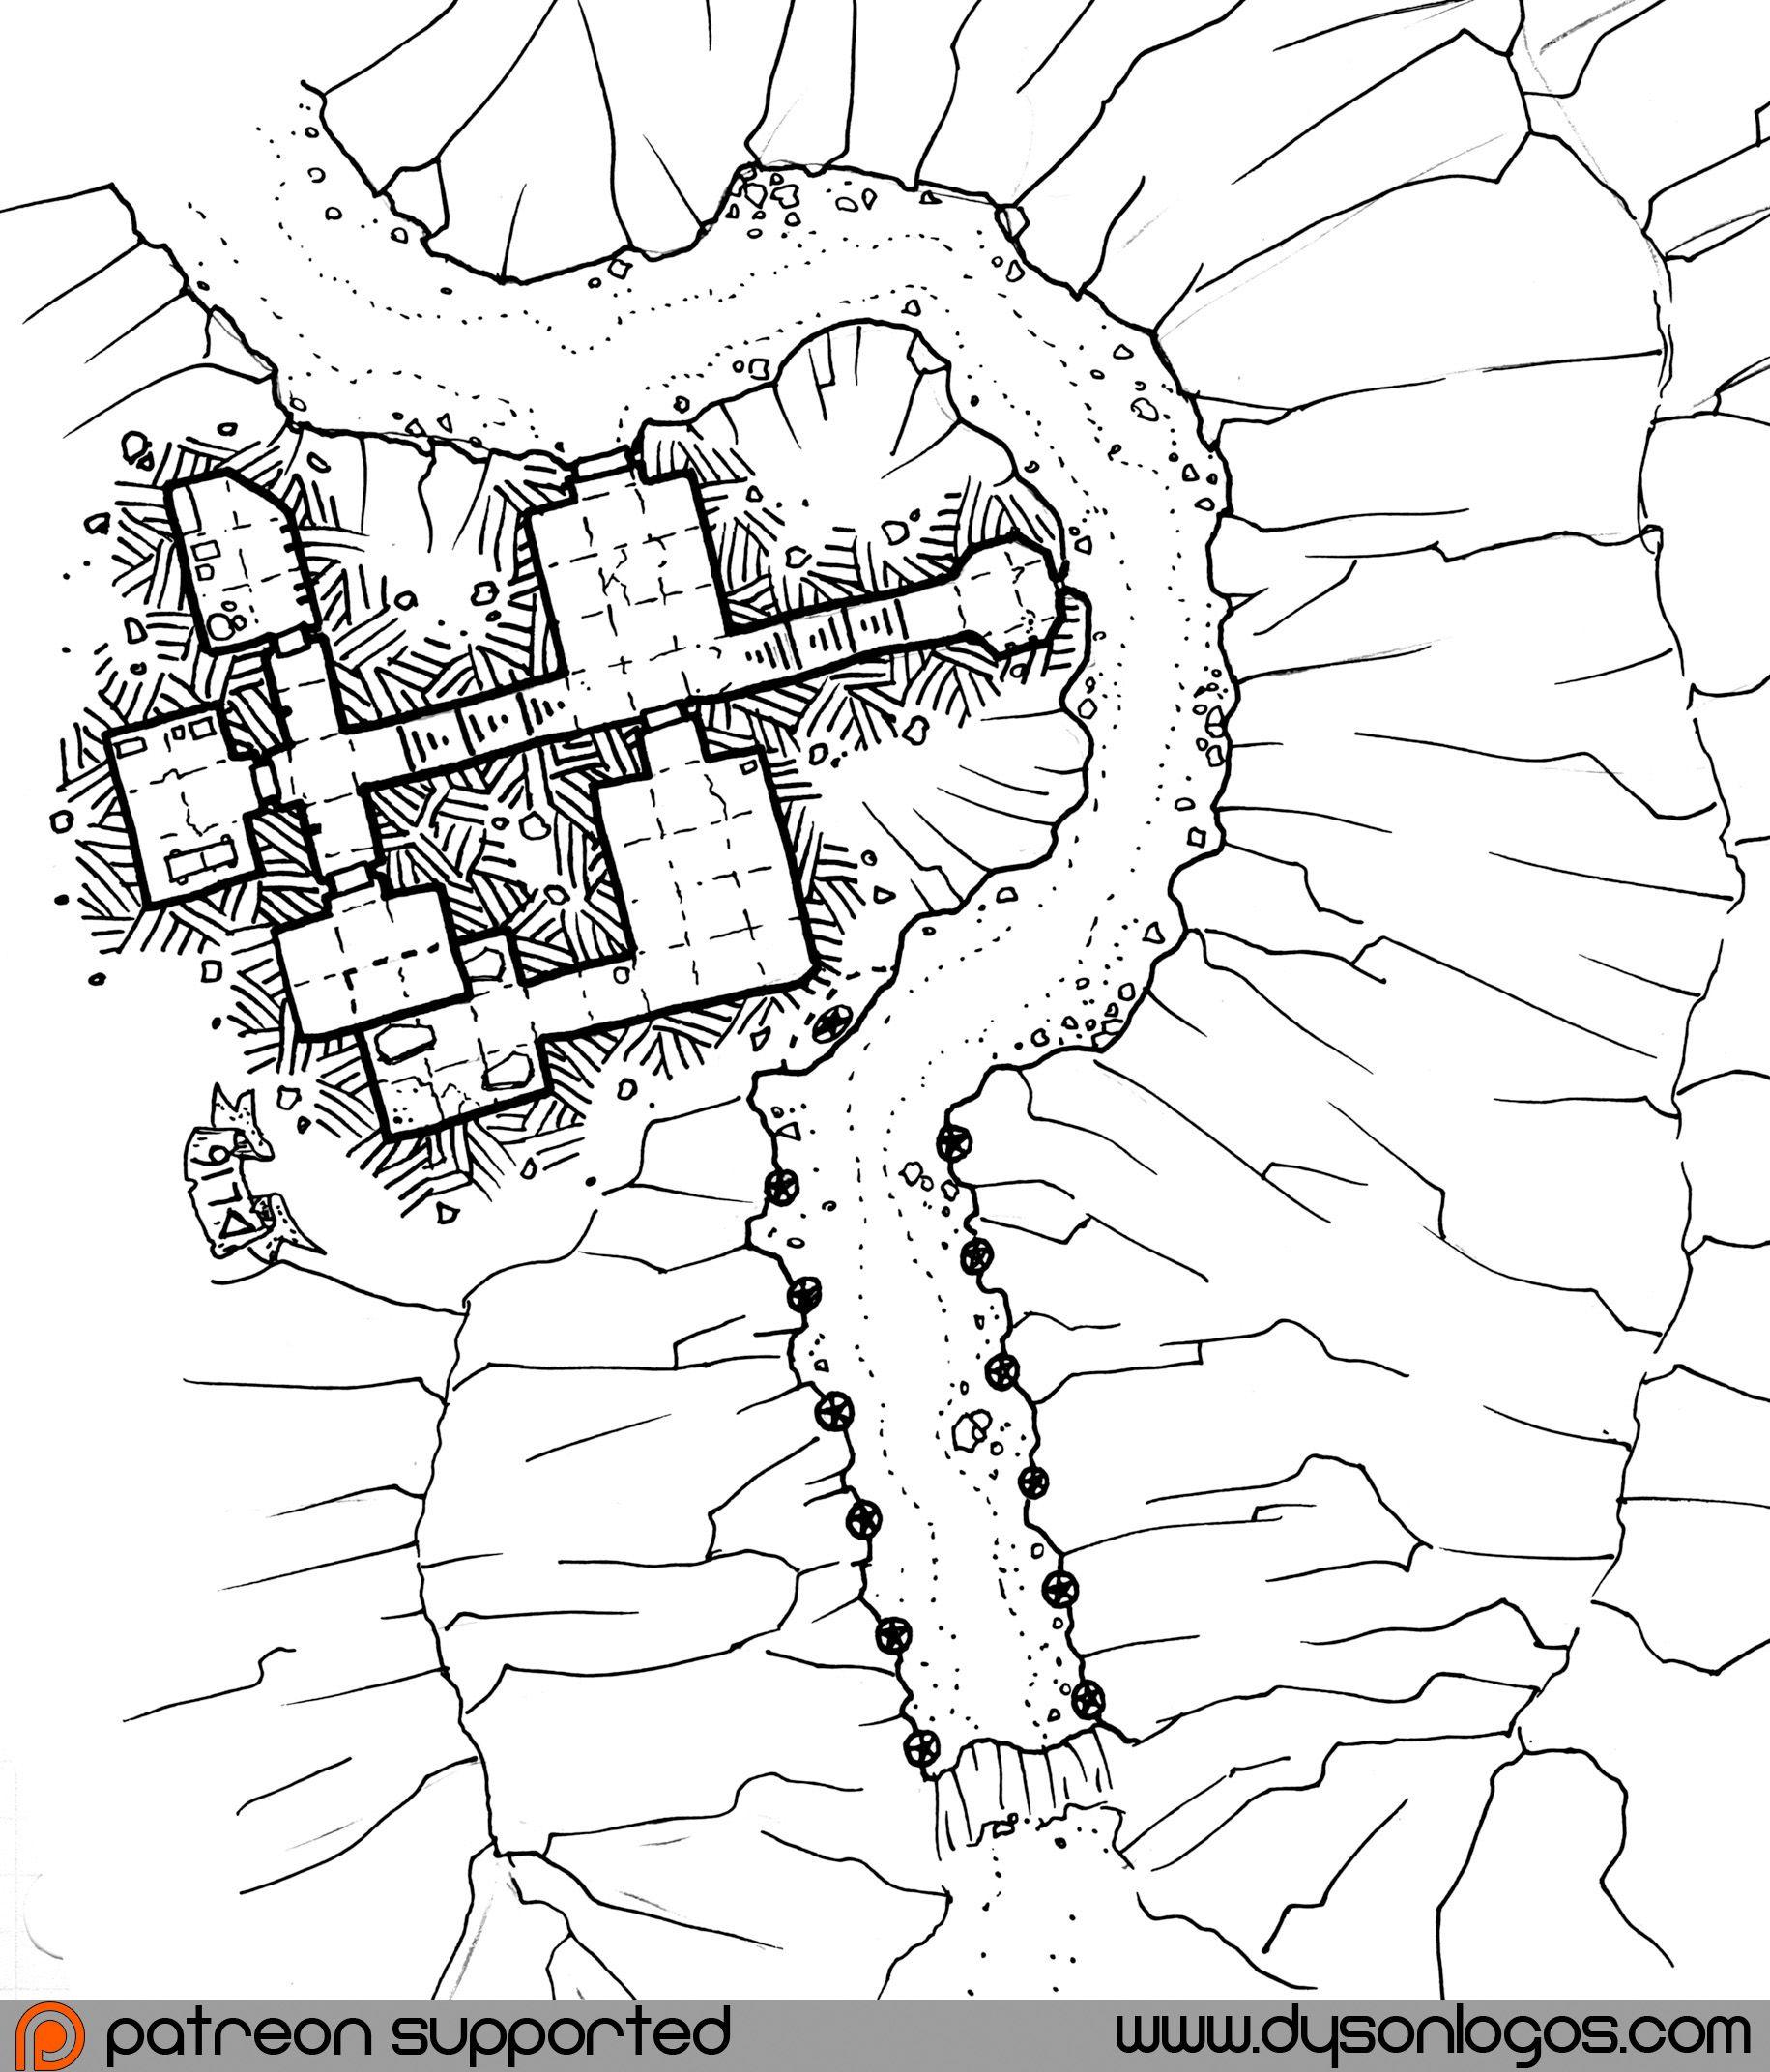 dwarven-cleft-patreon.jpg (1831×2144)